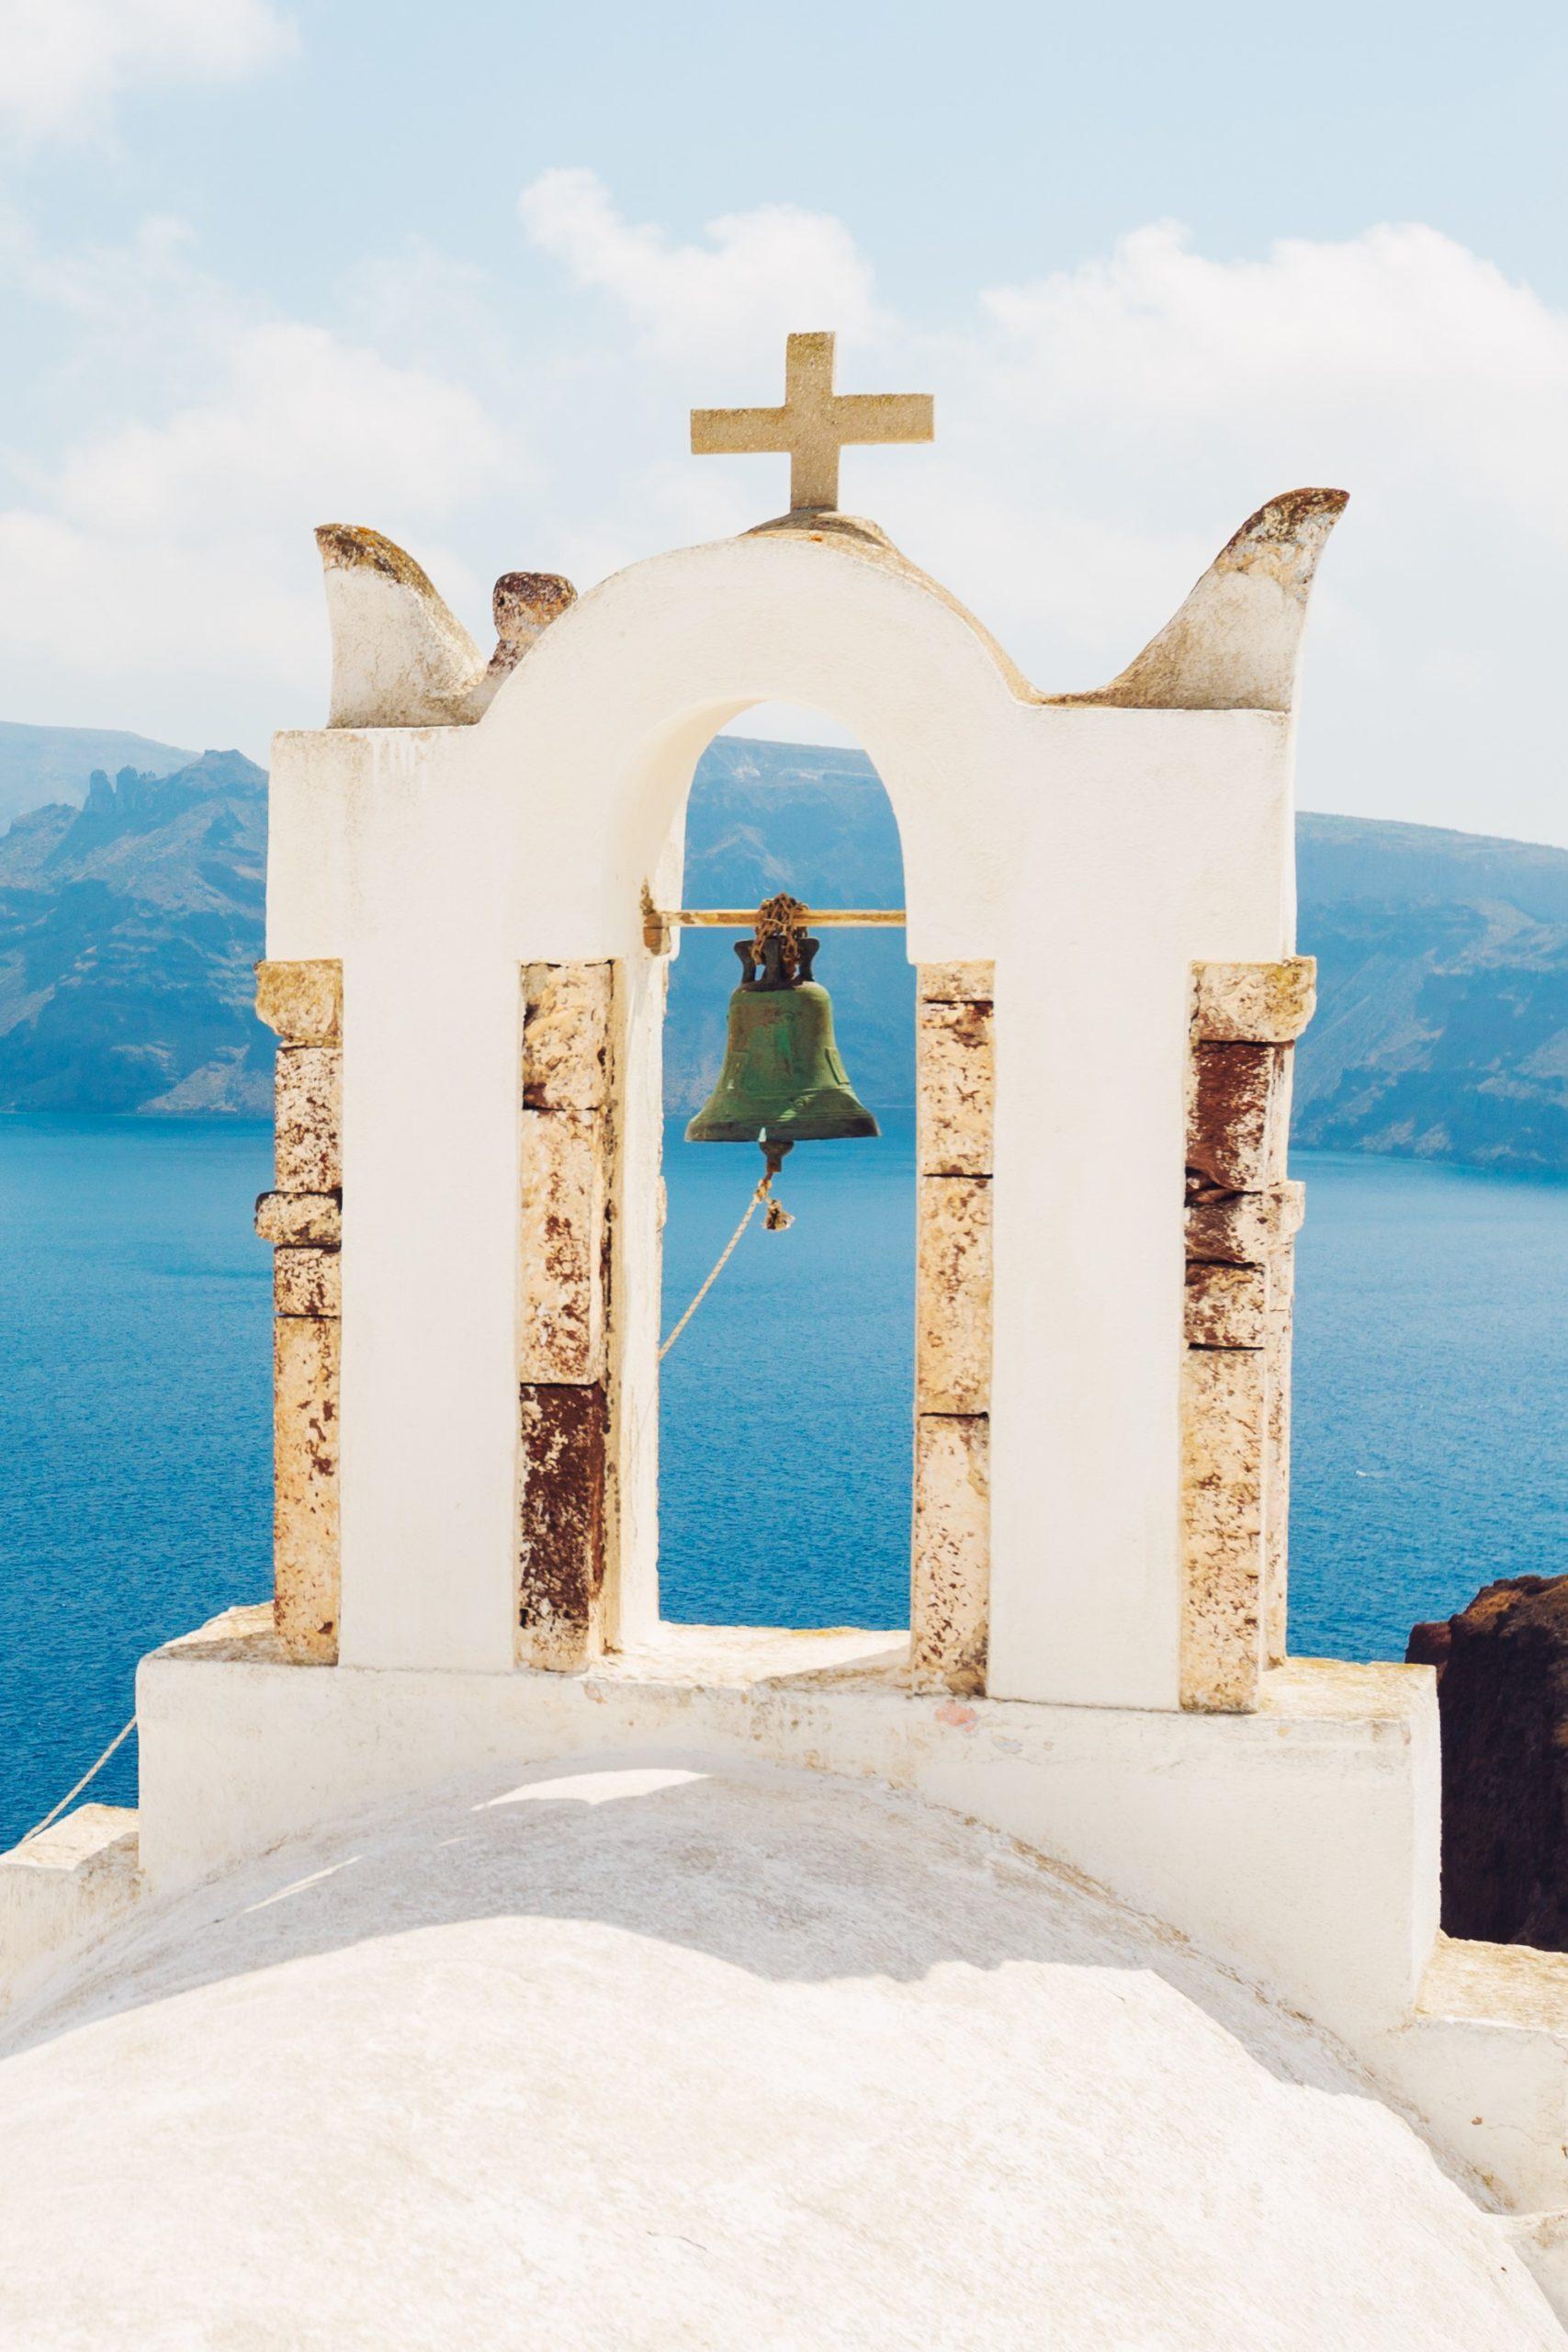 santorini-island-greece-PZBKVPU